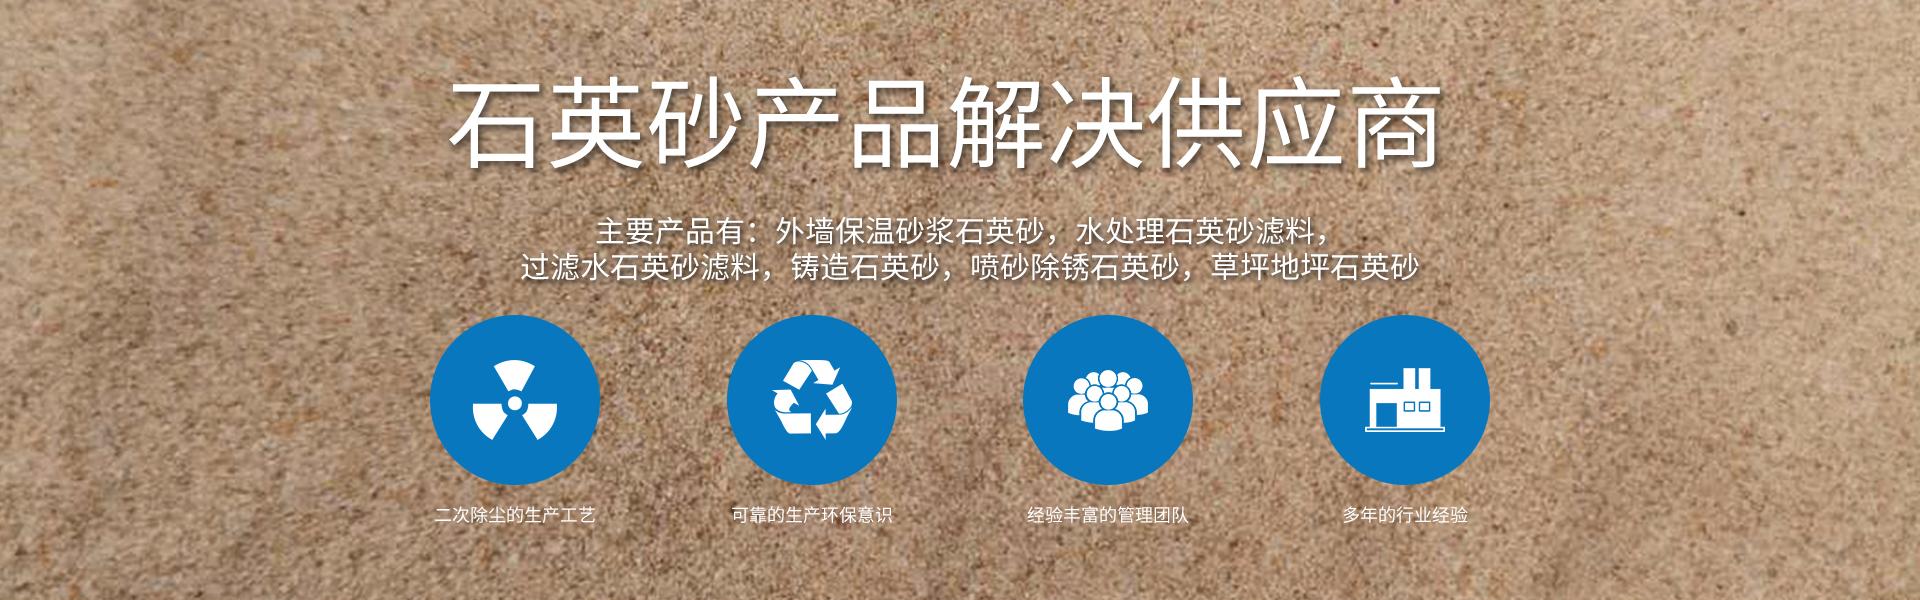 山东石英砂,硅砂生产厂家,铸造石英砂,临沂石英砂,沂南石英砂